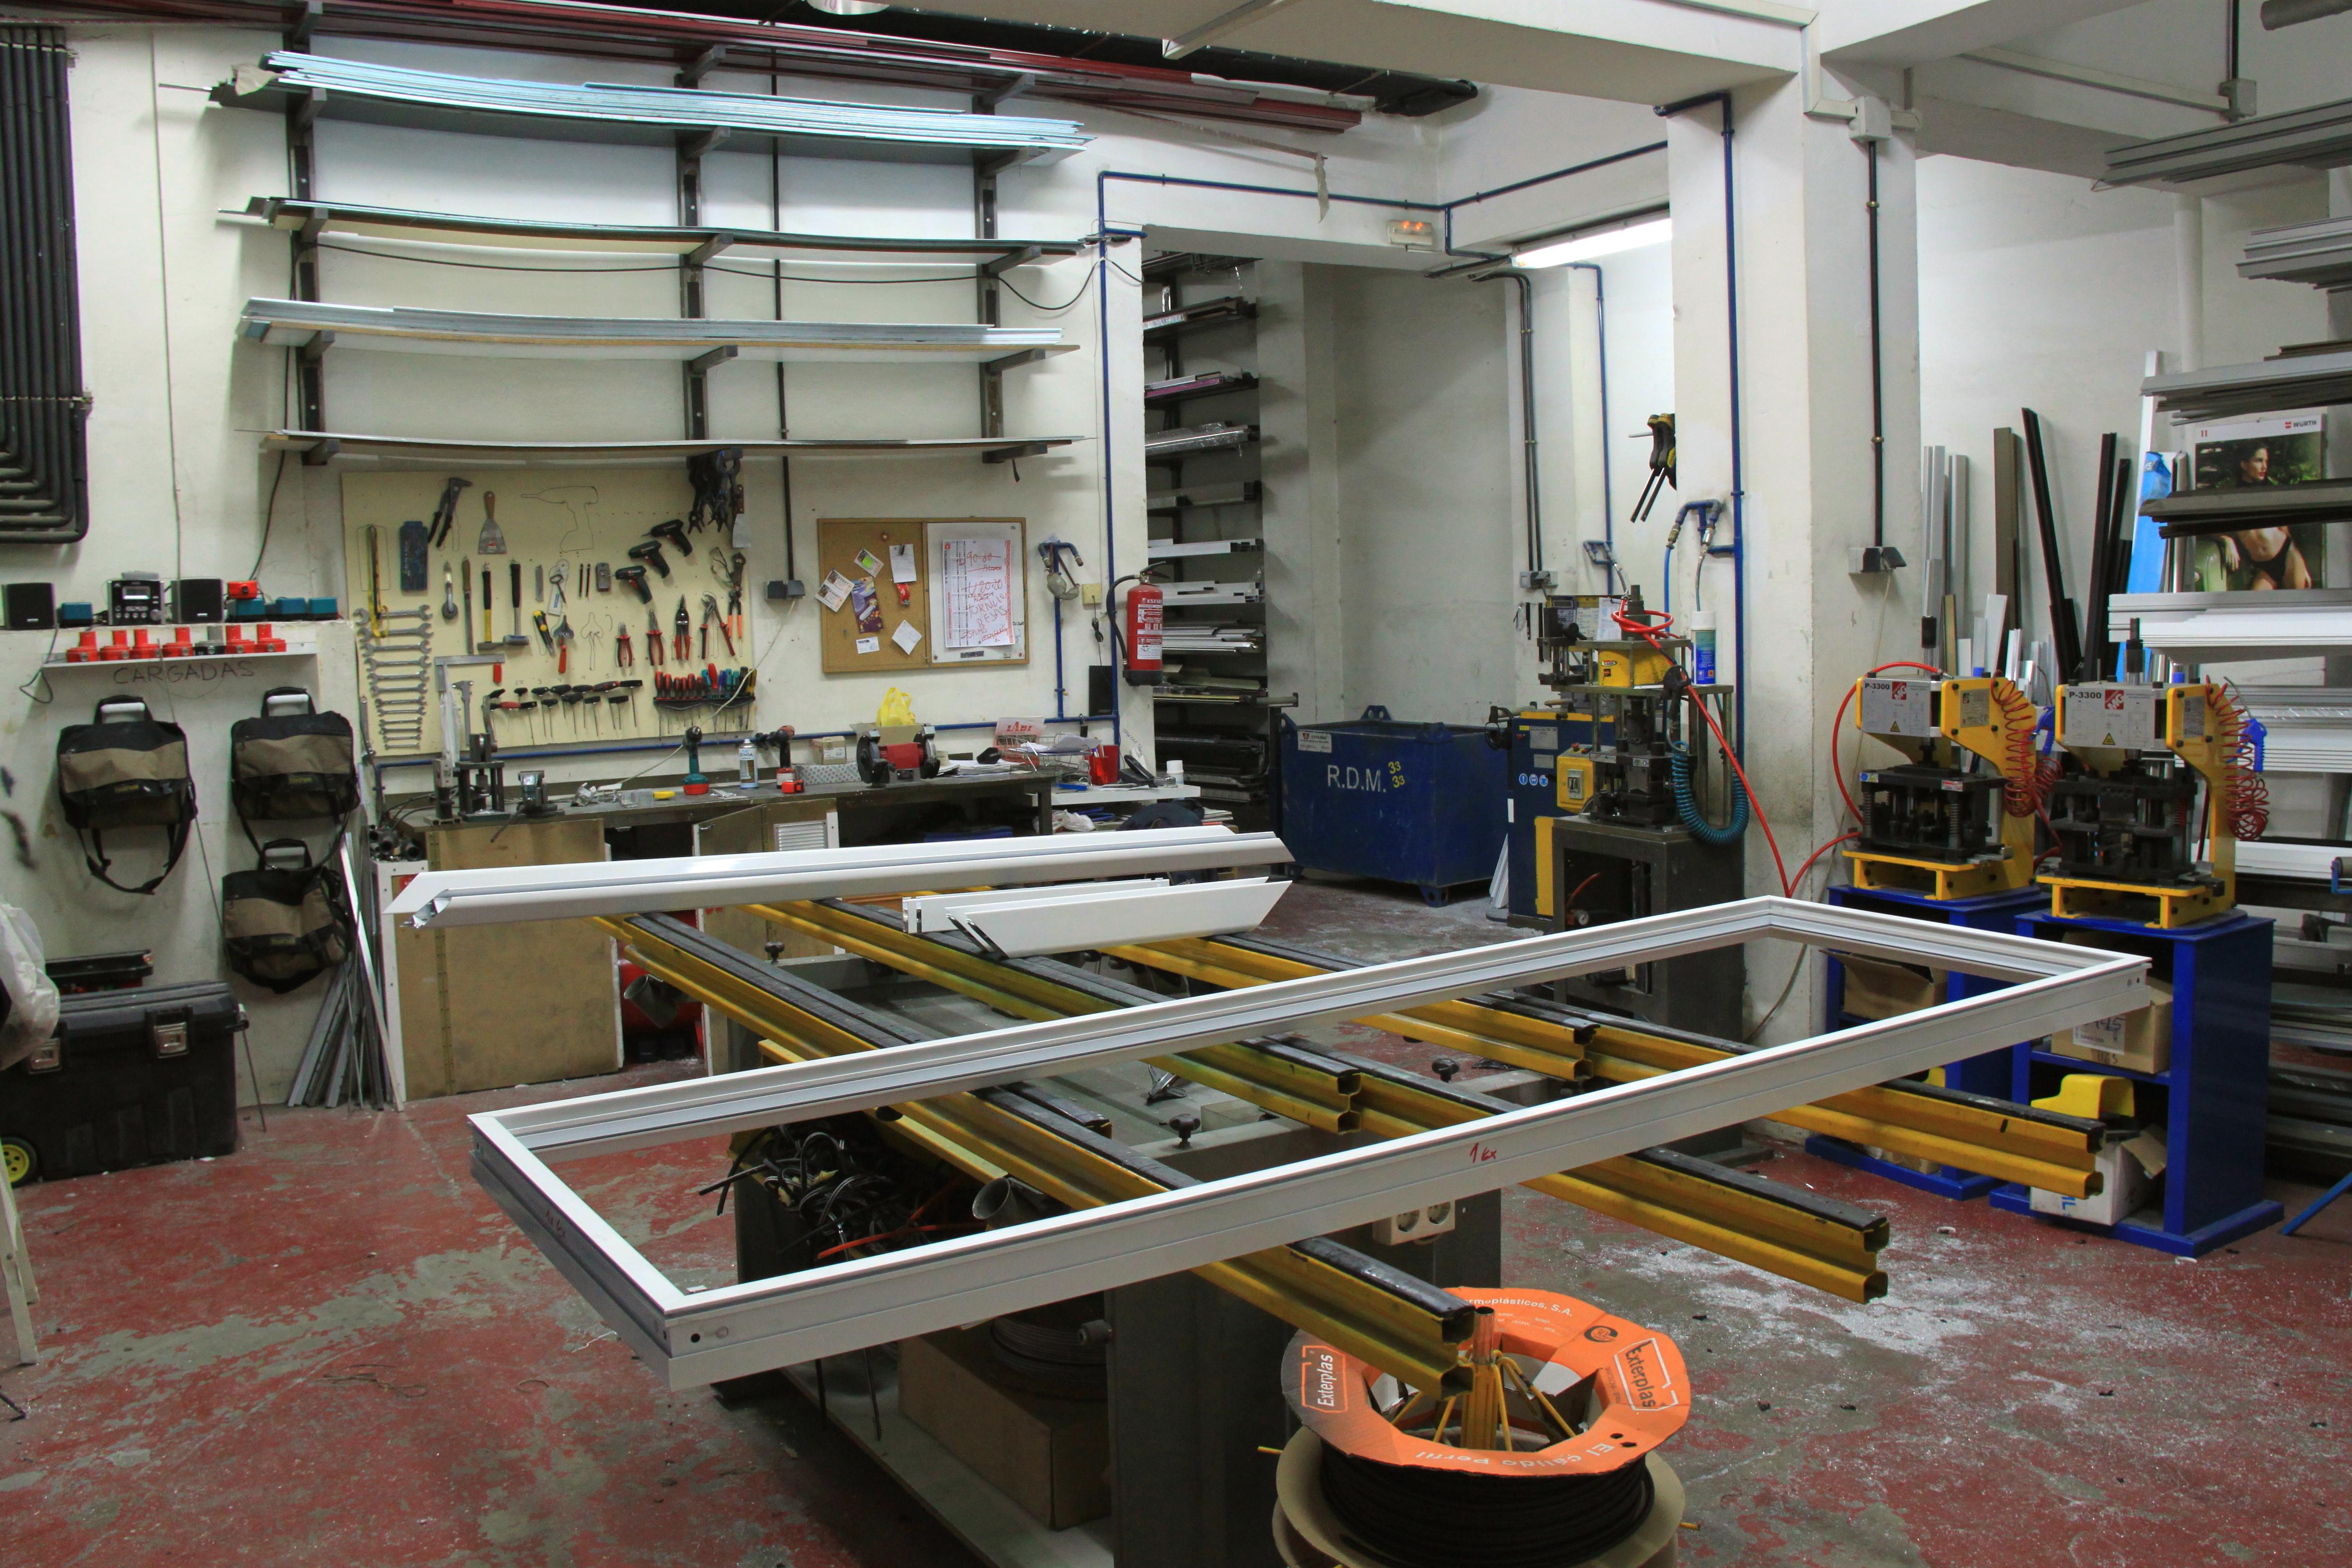 Instalaciones y equipamiento carpinter a de aluminio for Carpinteria de aluminio